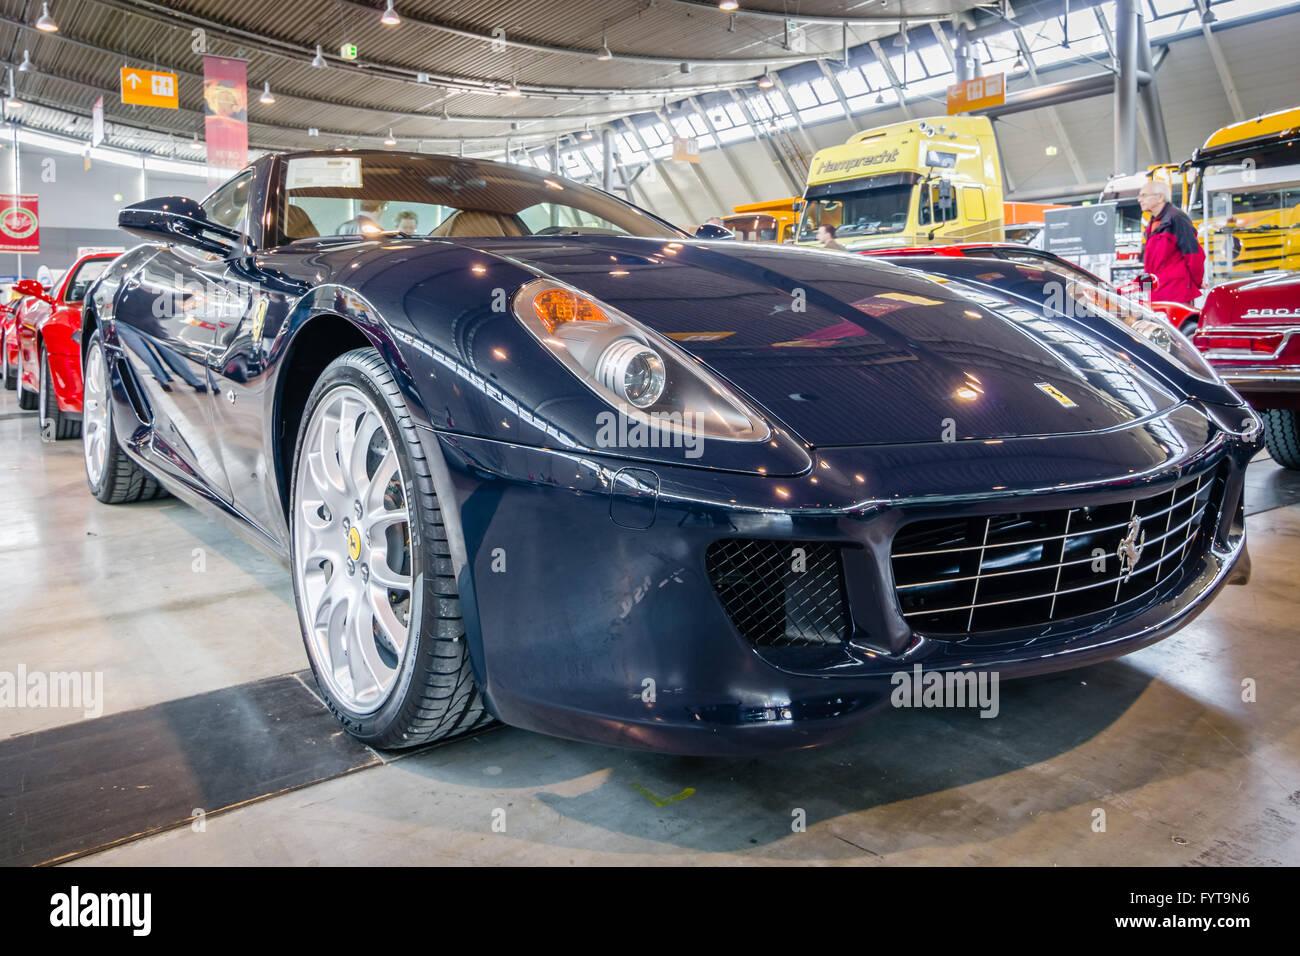 Sports Car Ferrari 599 GTB Fiorano F1, 2008.   Stock Image